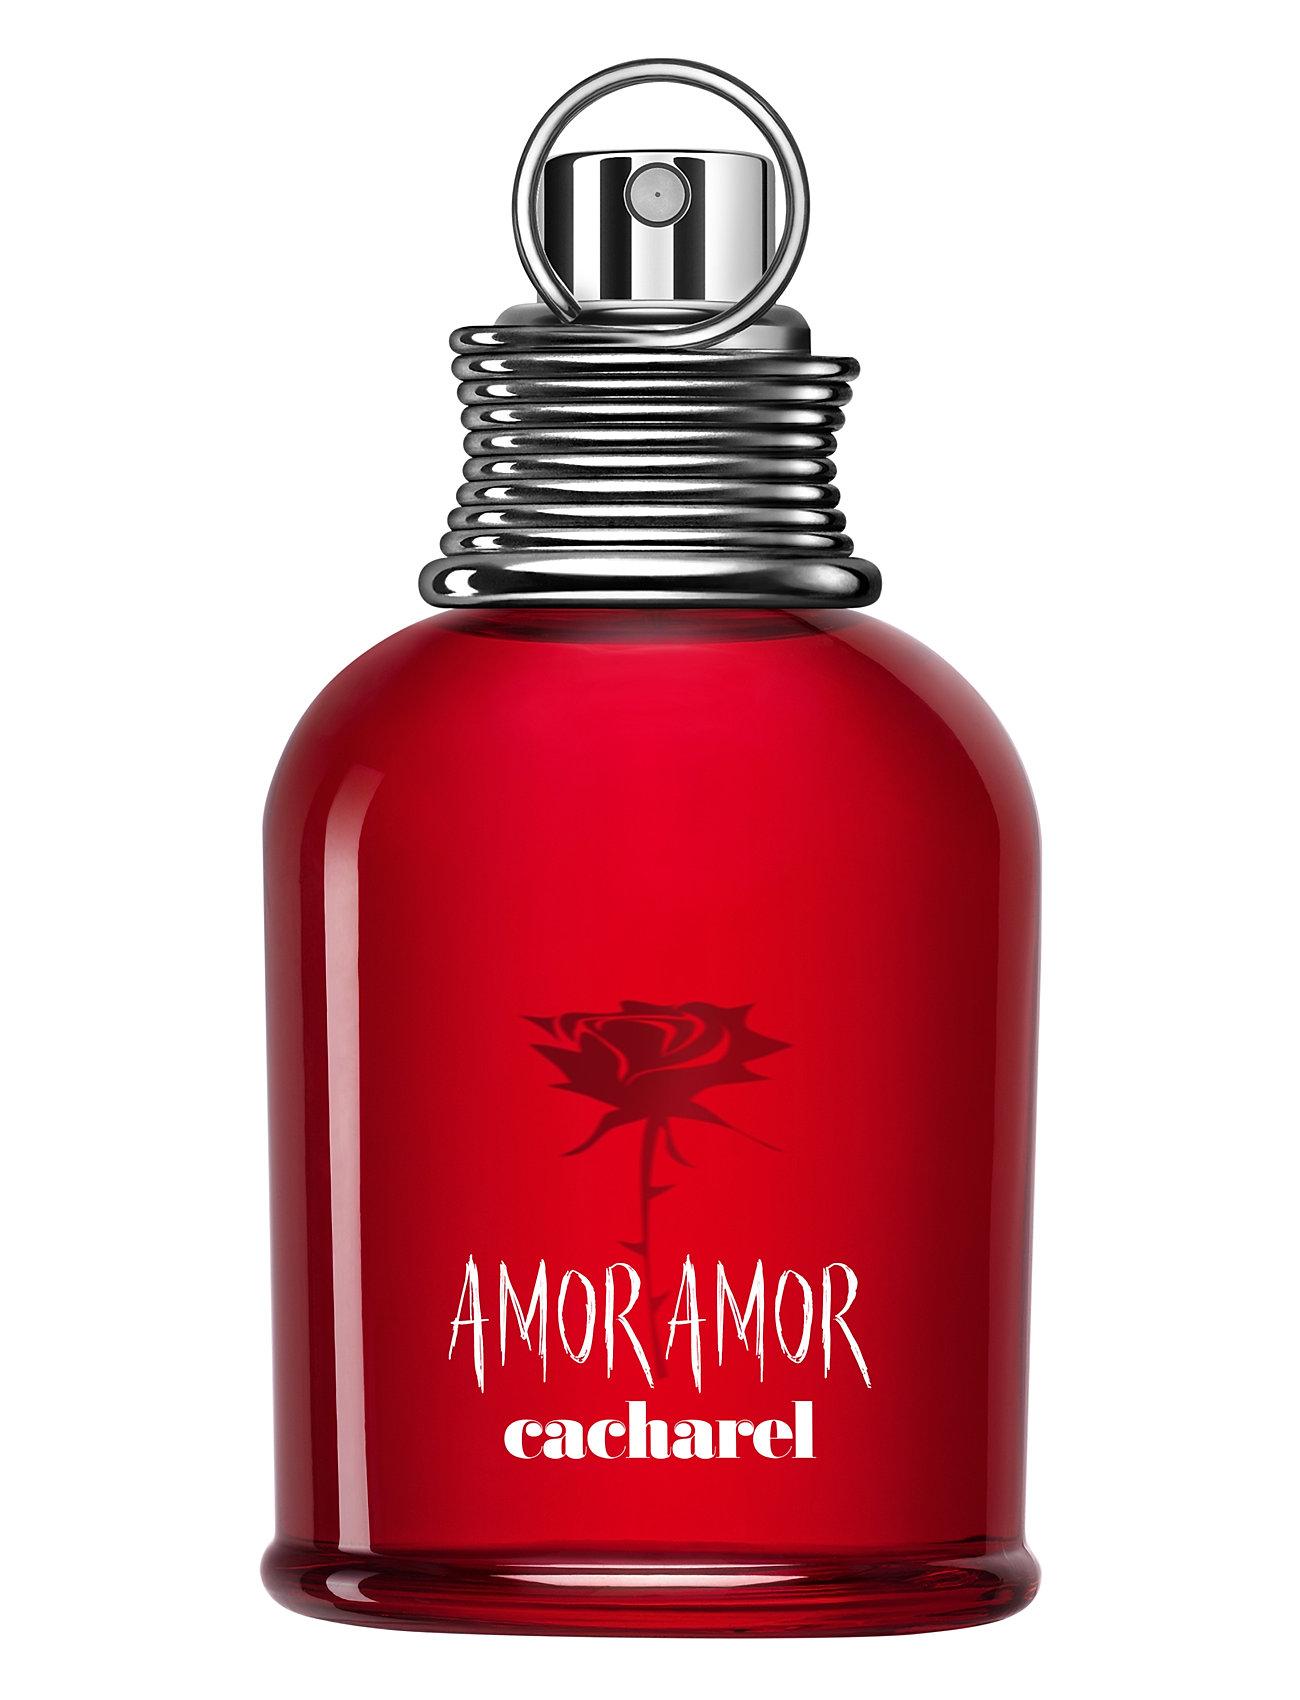 cacharel – Amor amor edt 30 ml på boozt.com dk